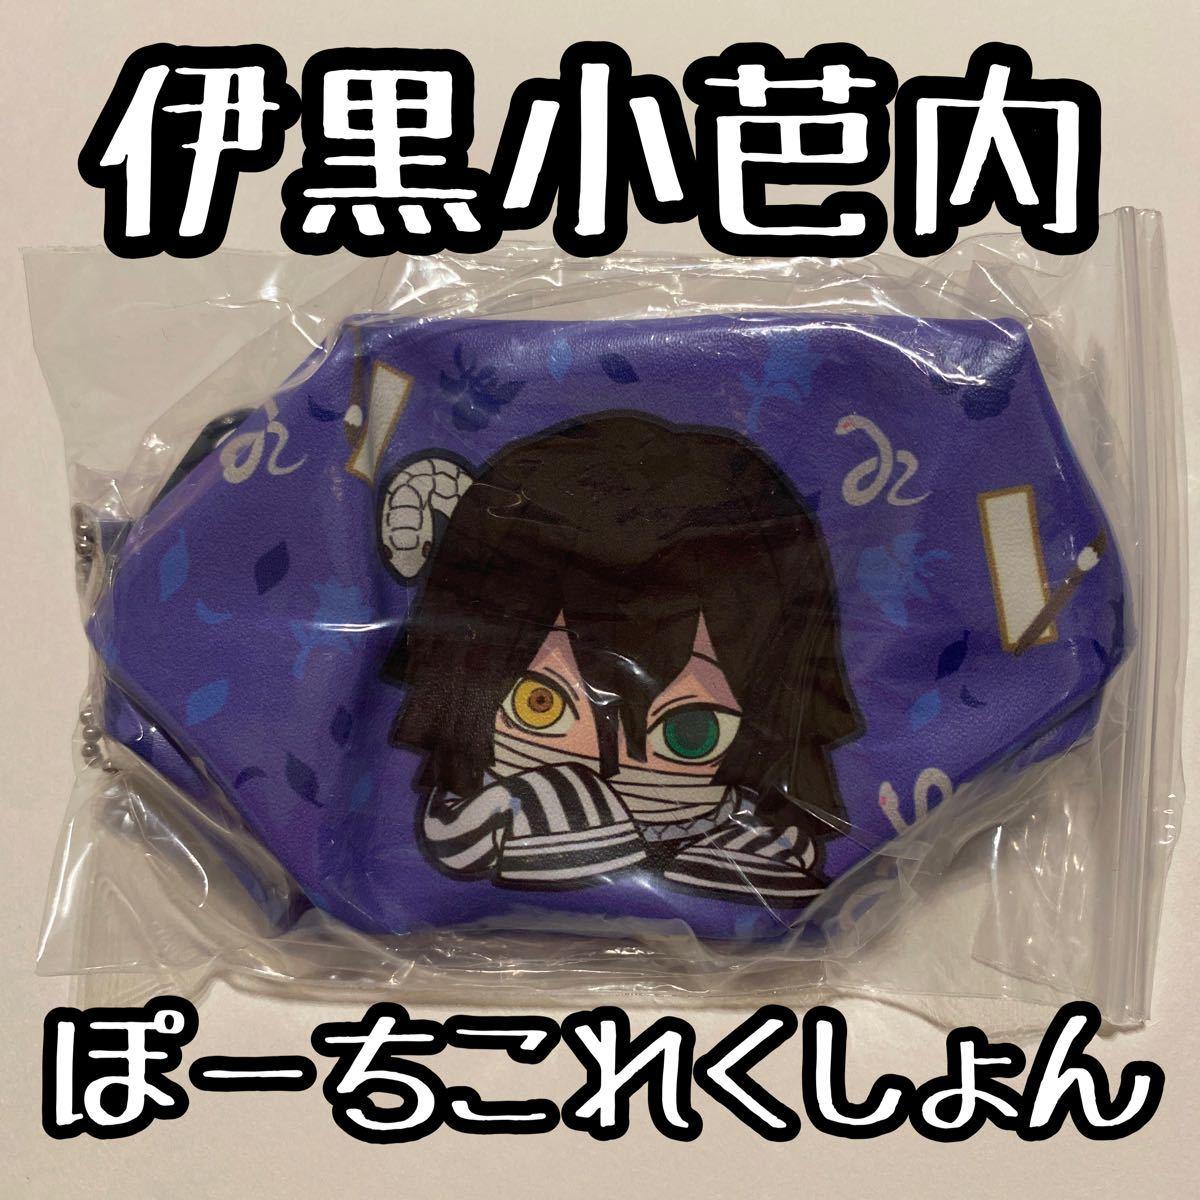 伊黒小芭内 ぽーちこれくしょん3 キーチェーン 鬼滅の刃